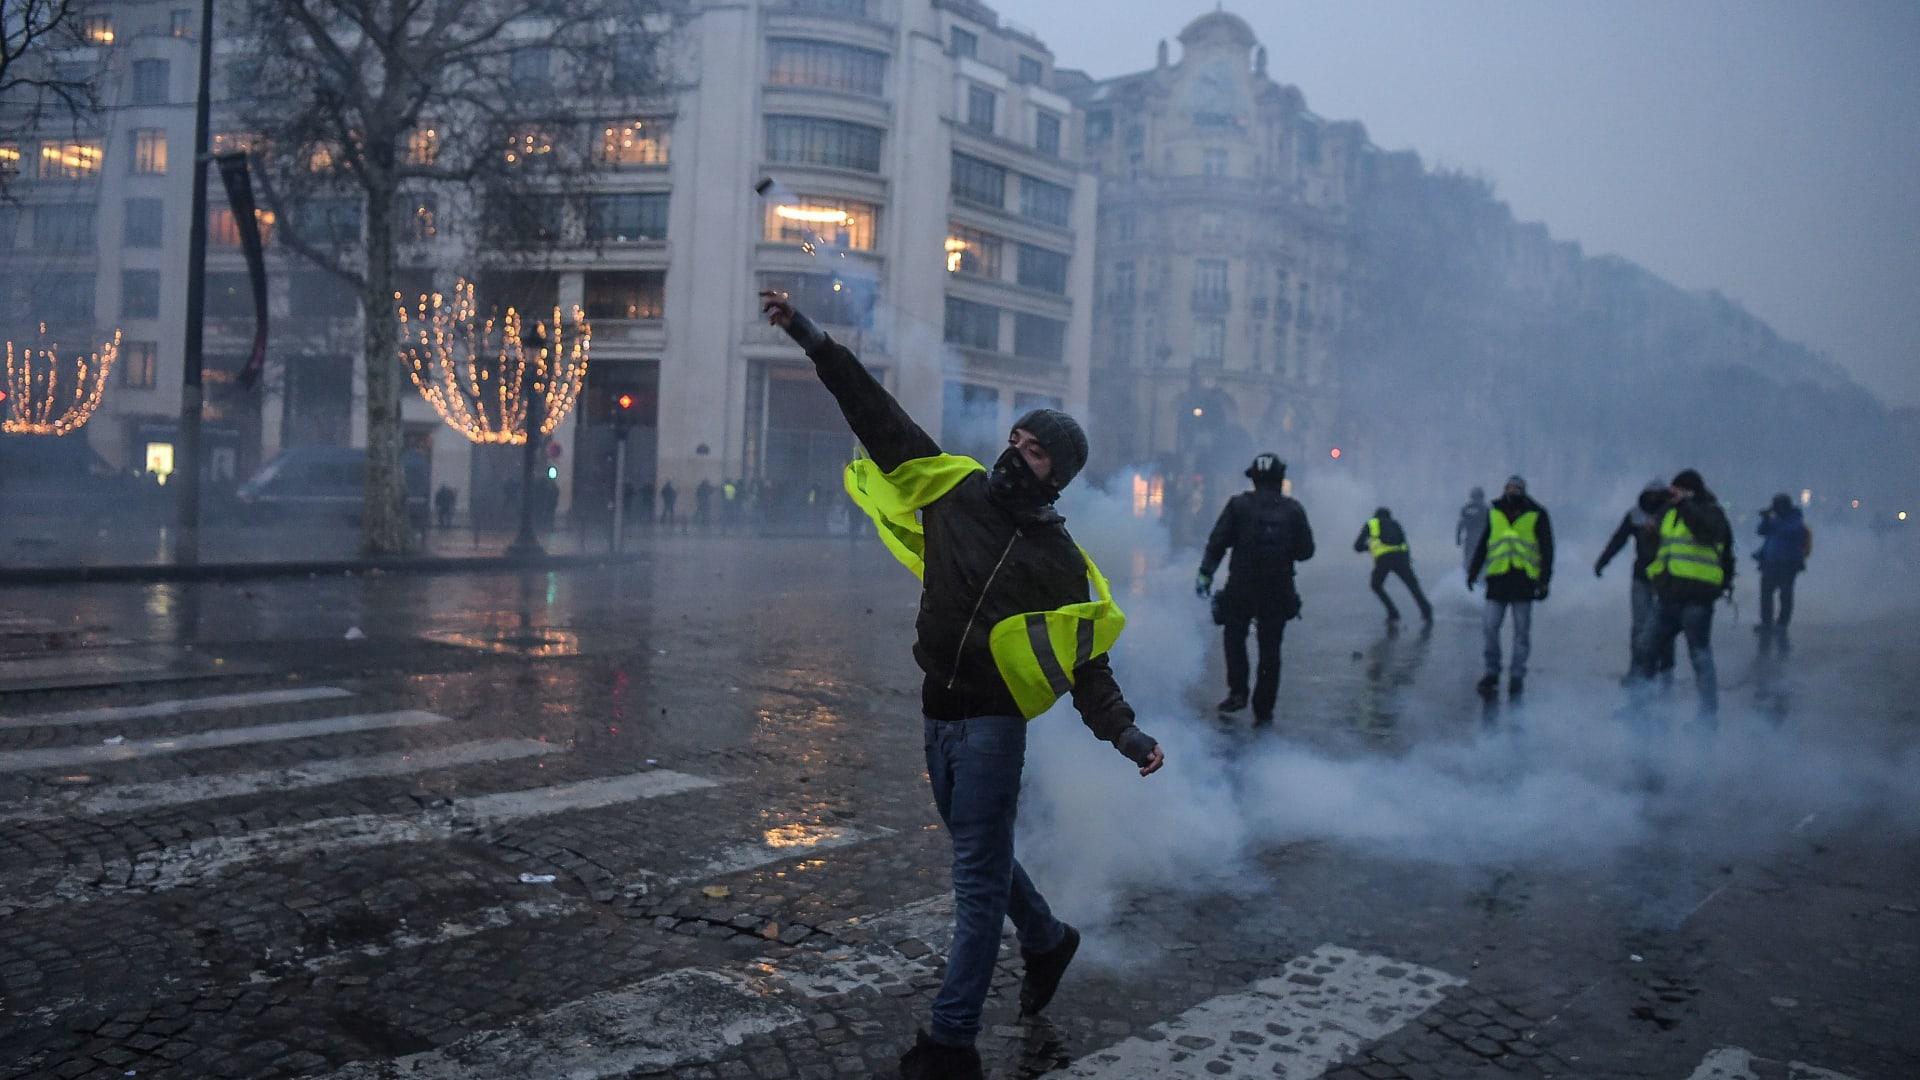 """إصابة مراسلة خلال احتجاجات """"السترات الصفراء"""" في فرنسا"""